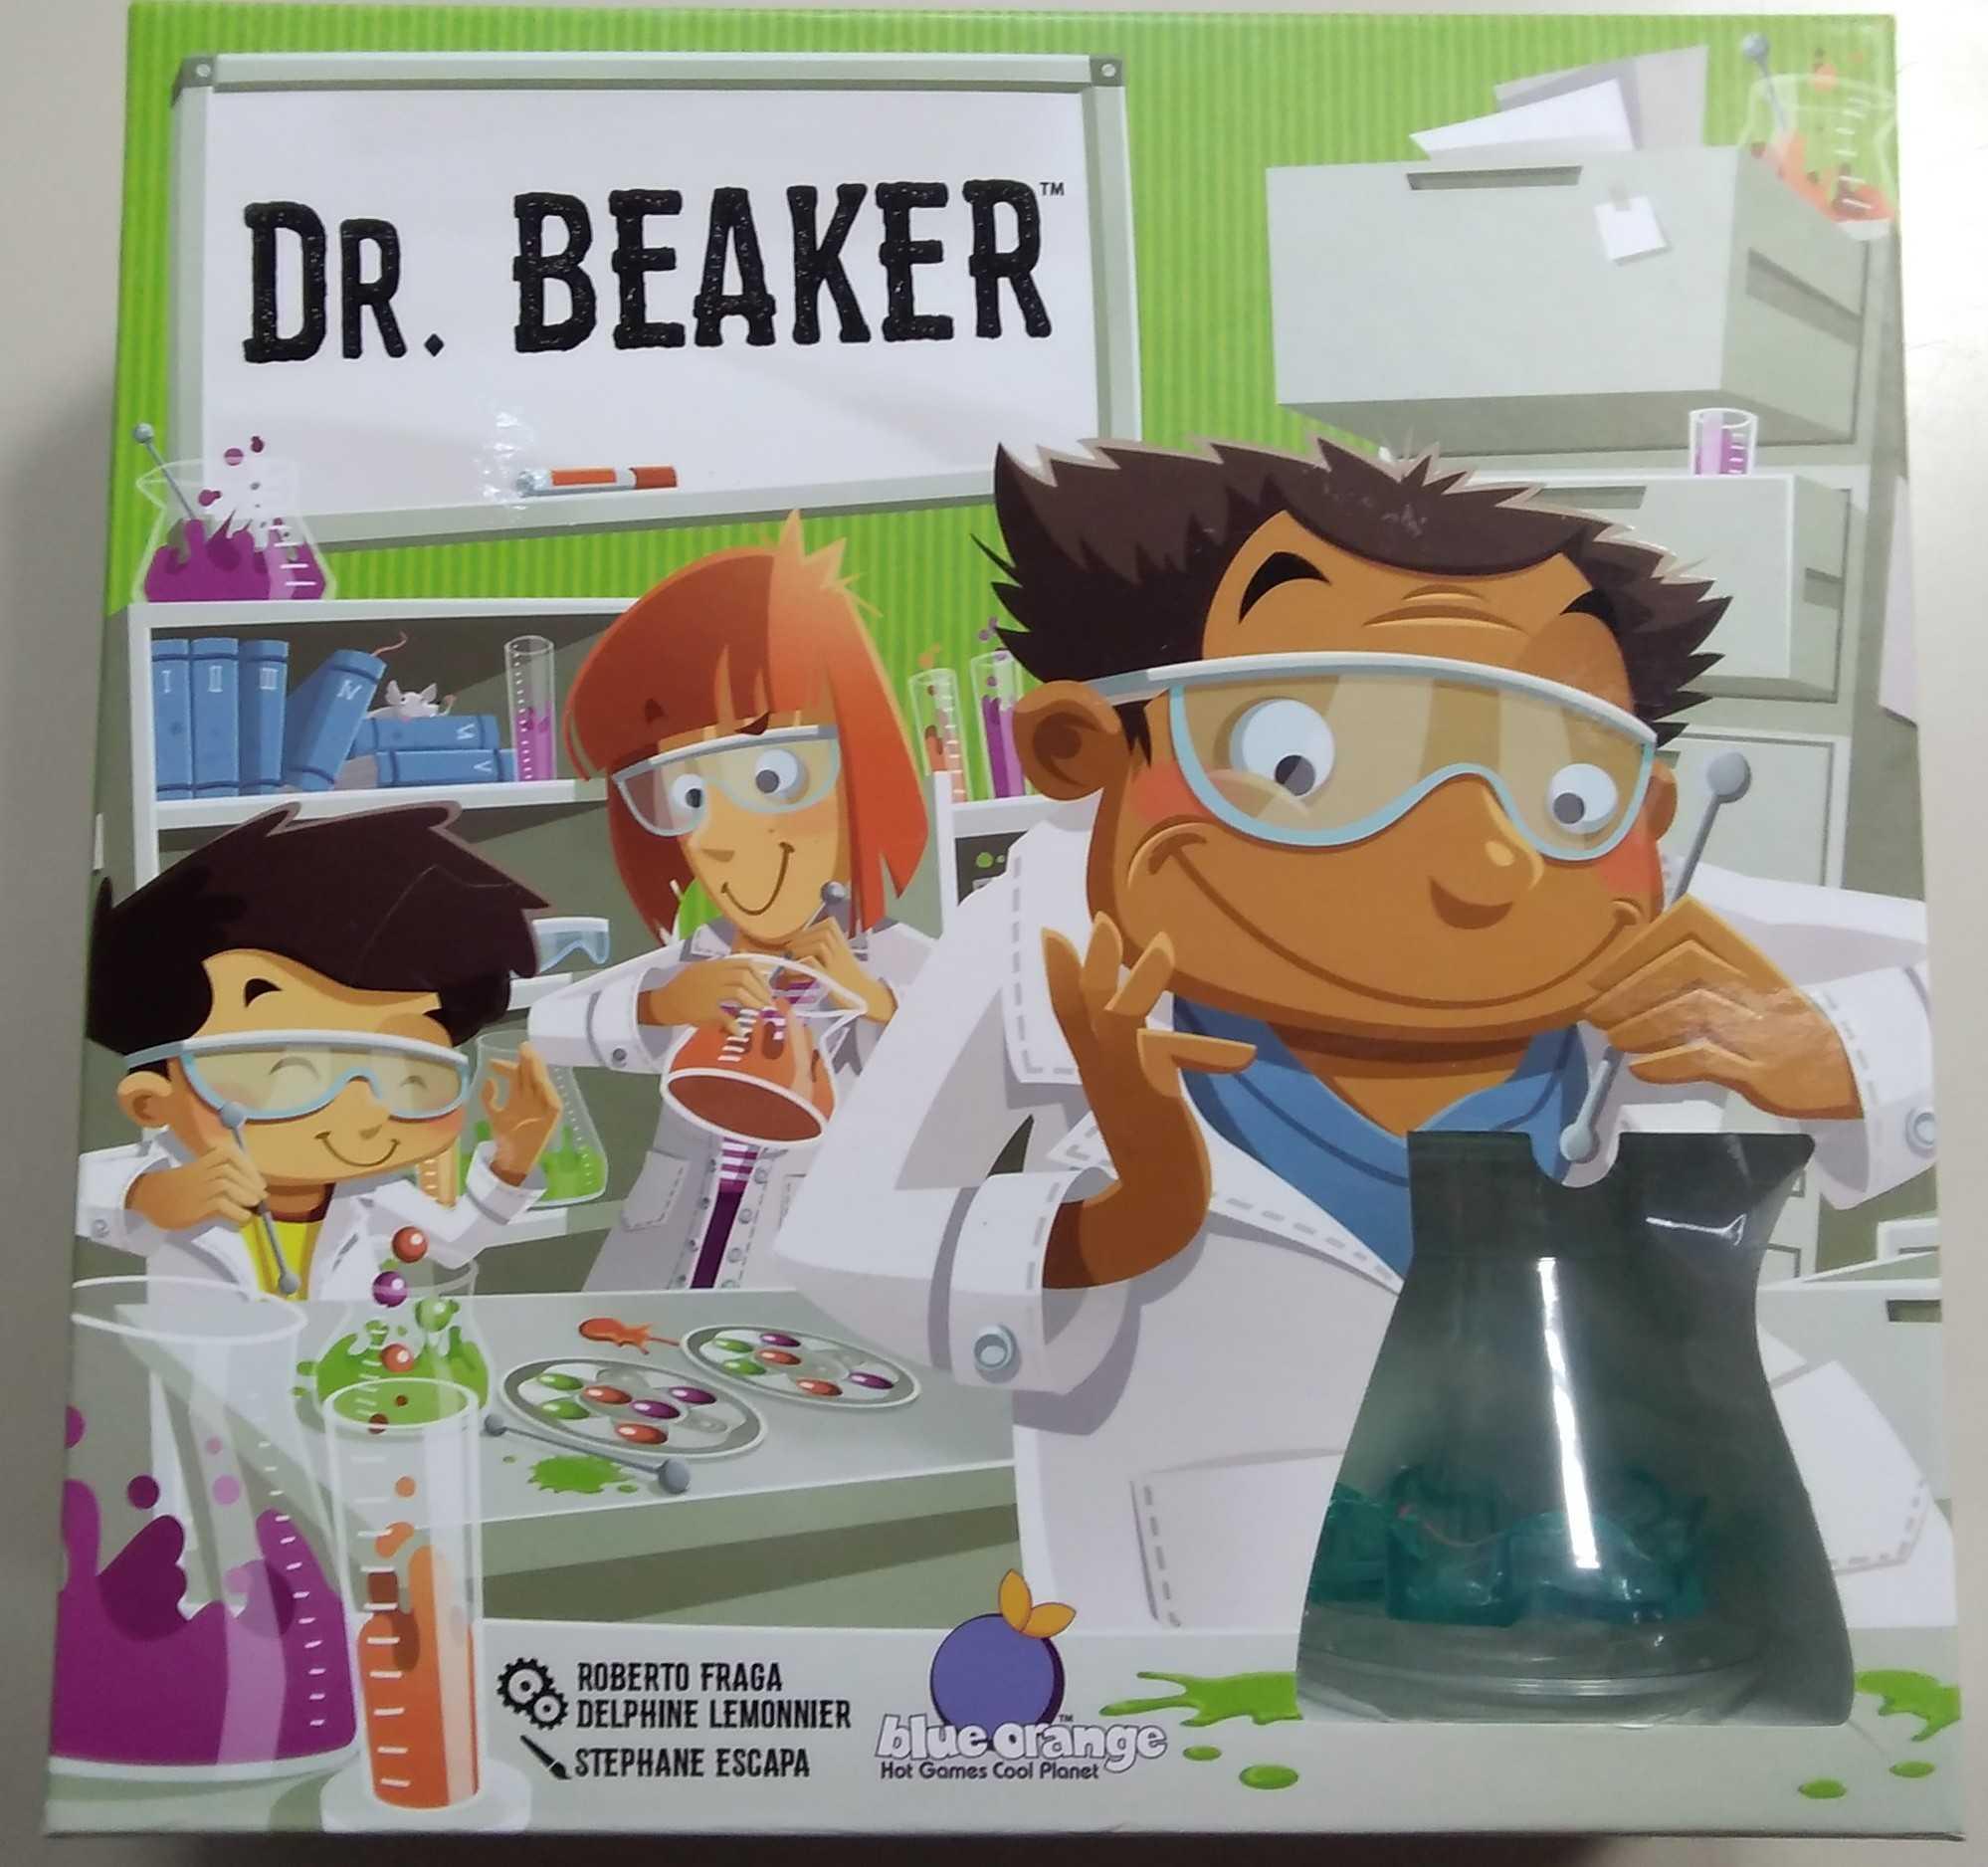 DR.BEAKER|BLUEORANGE